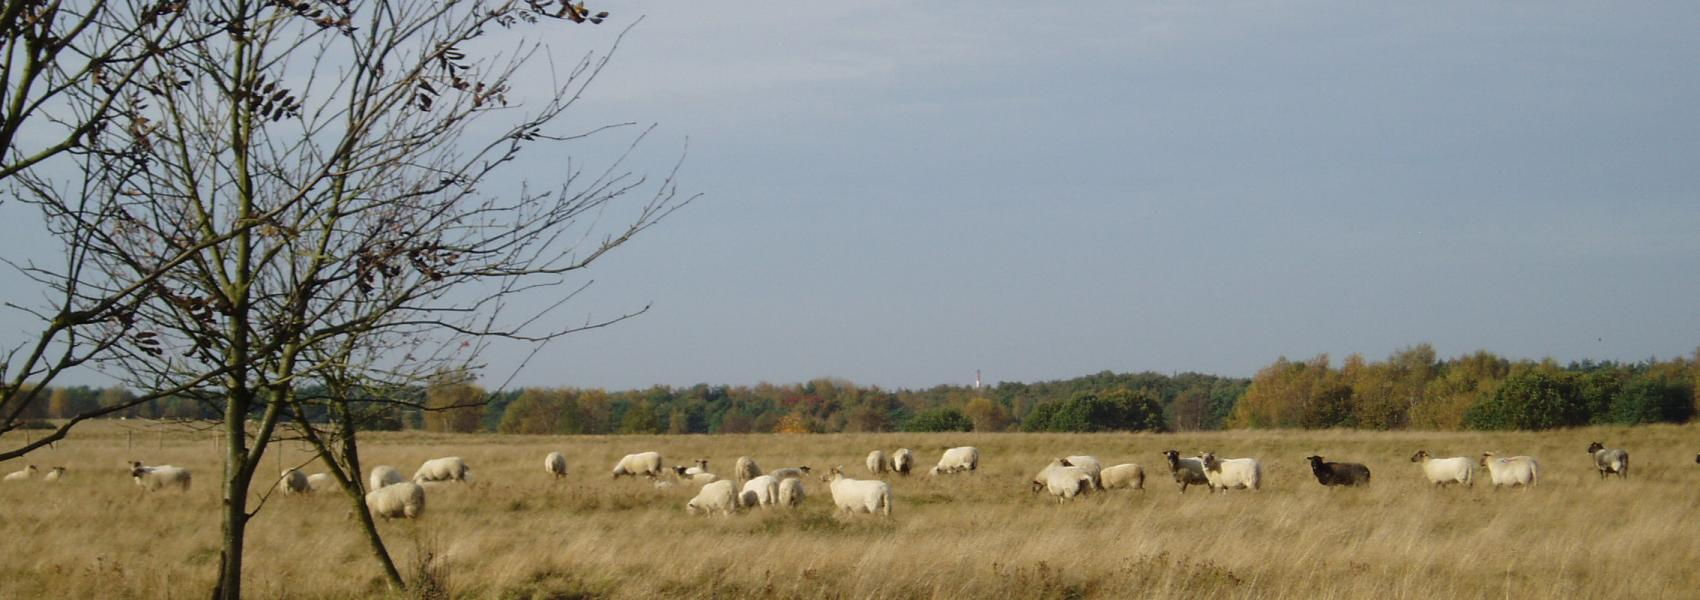 schapen in het landschap